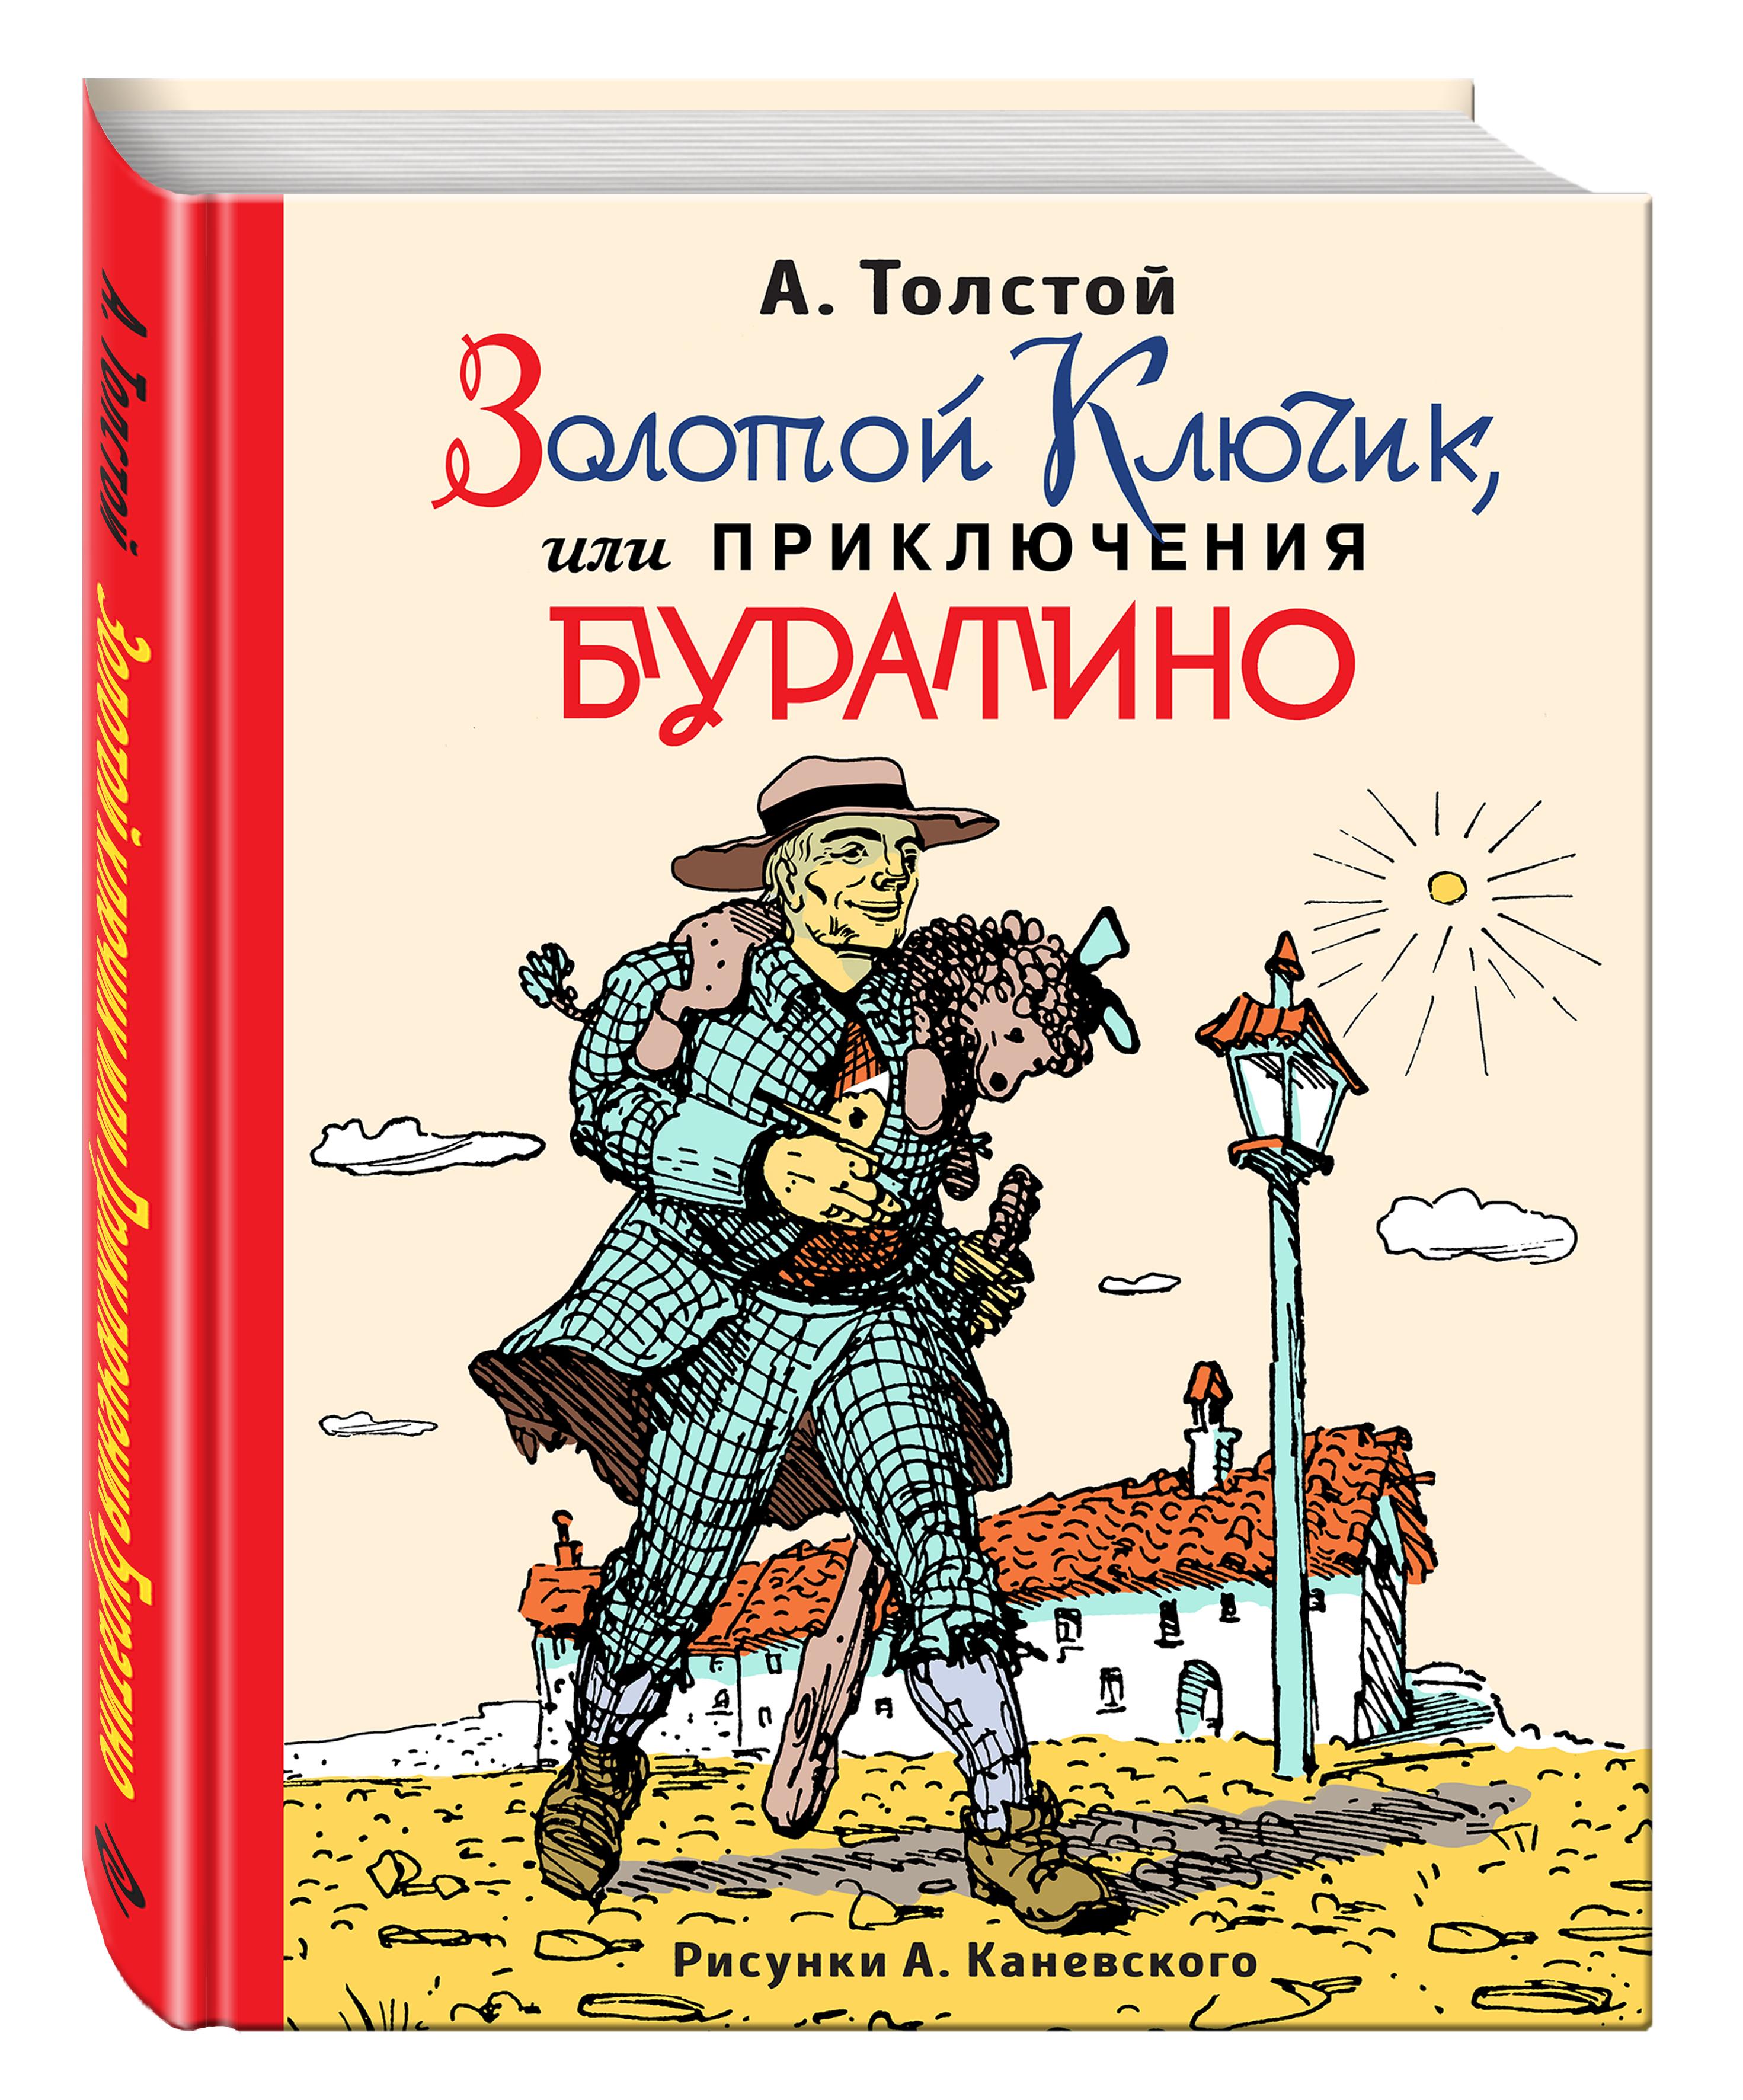 Алексей Толстой Золотой ключик, или Приключения Буратино (ил. А. Каневского)